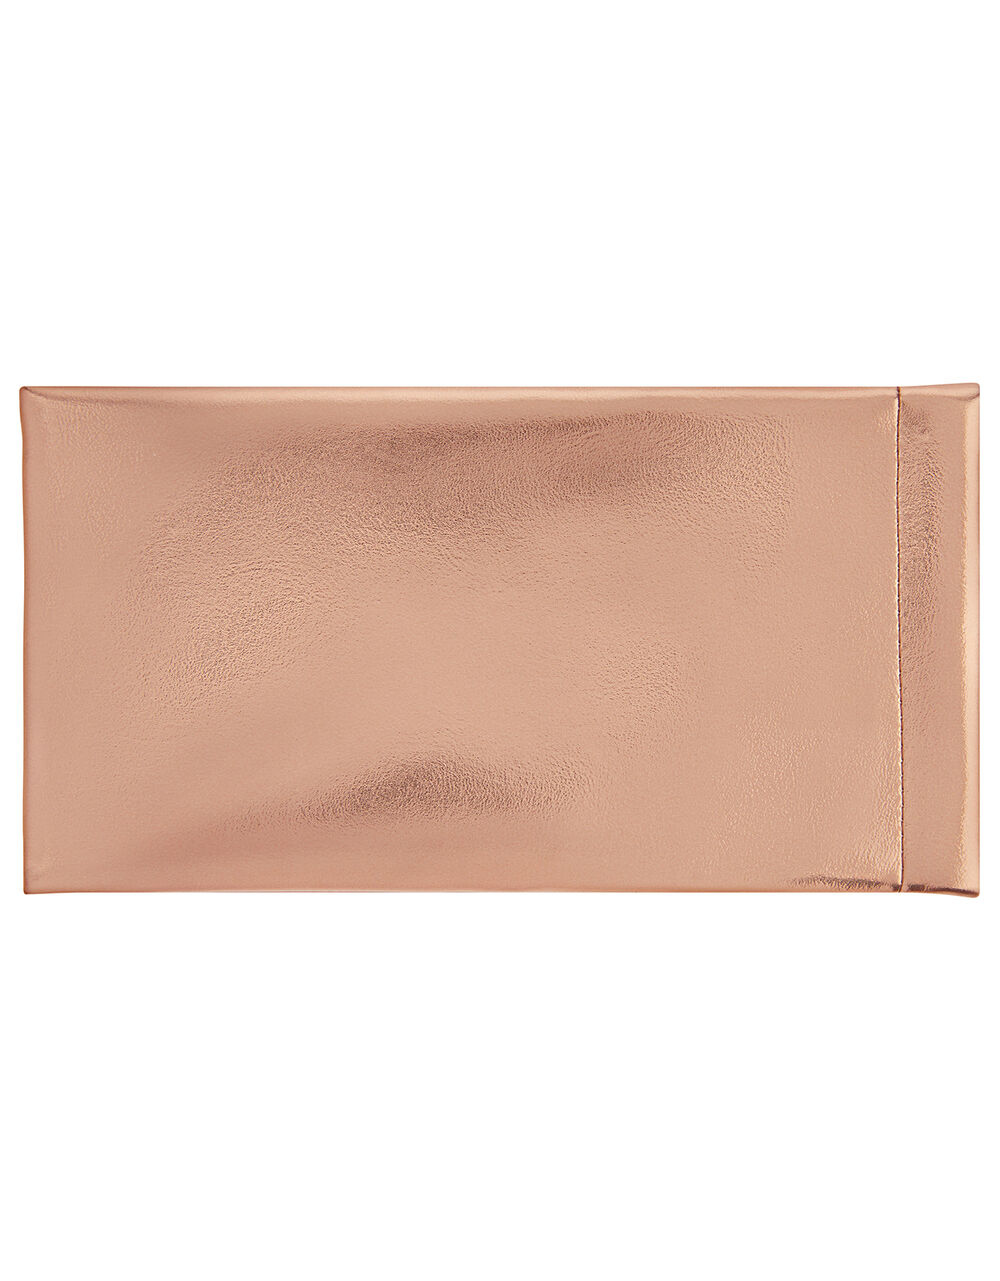 Rose Gold Soft Glasses Case, , large